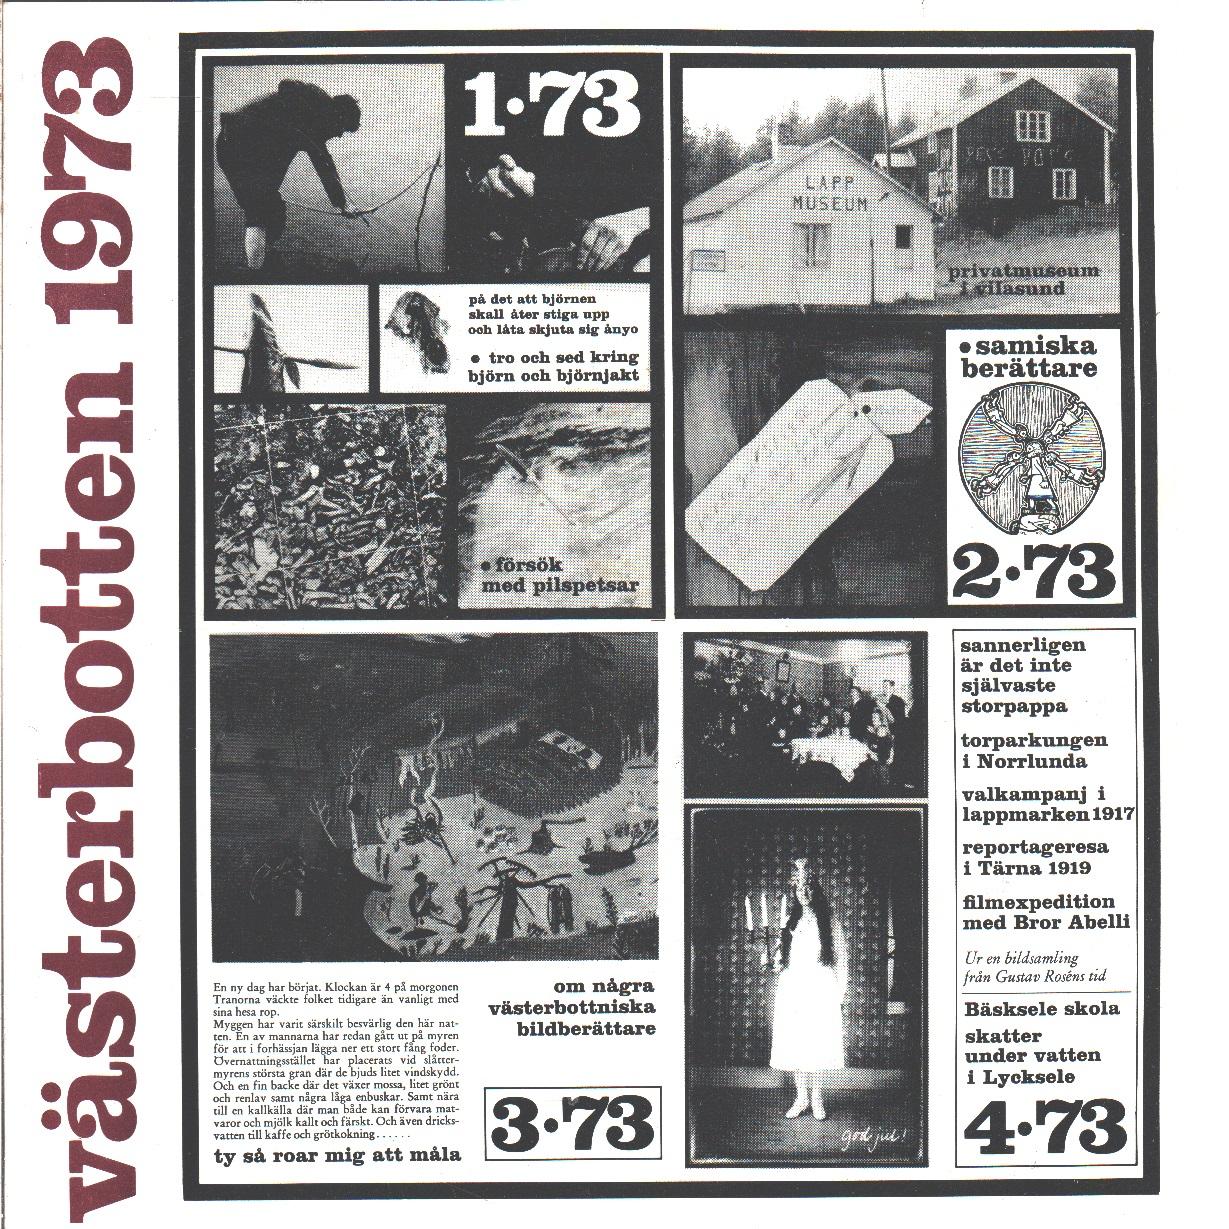 Västerbotten : Västerbottens läns hembygdsförenings årsbok 1973 - Red.